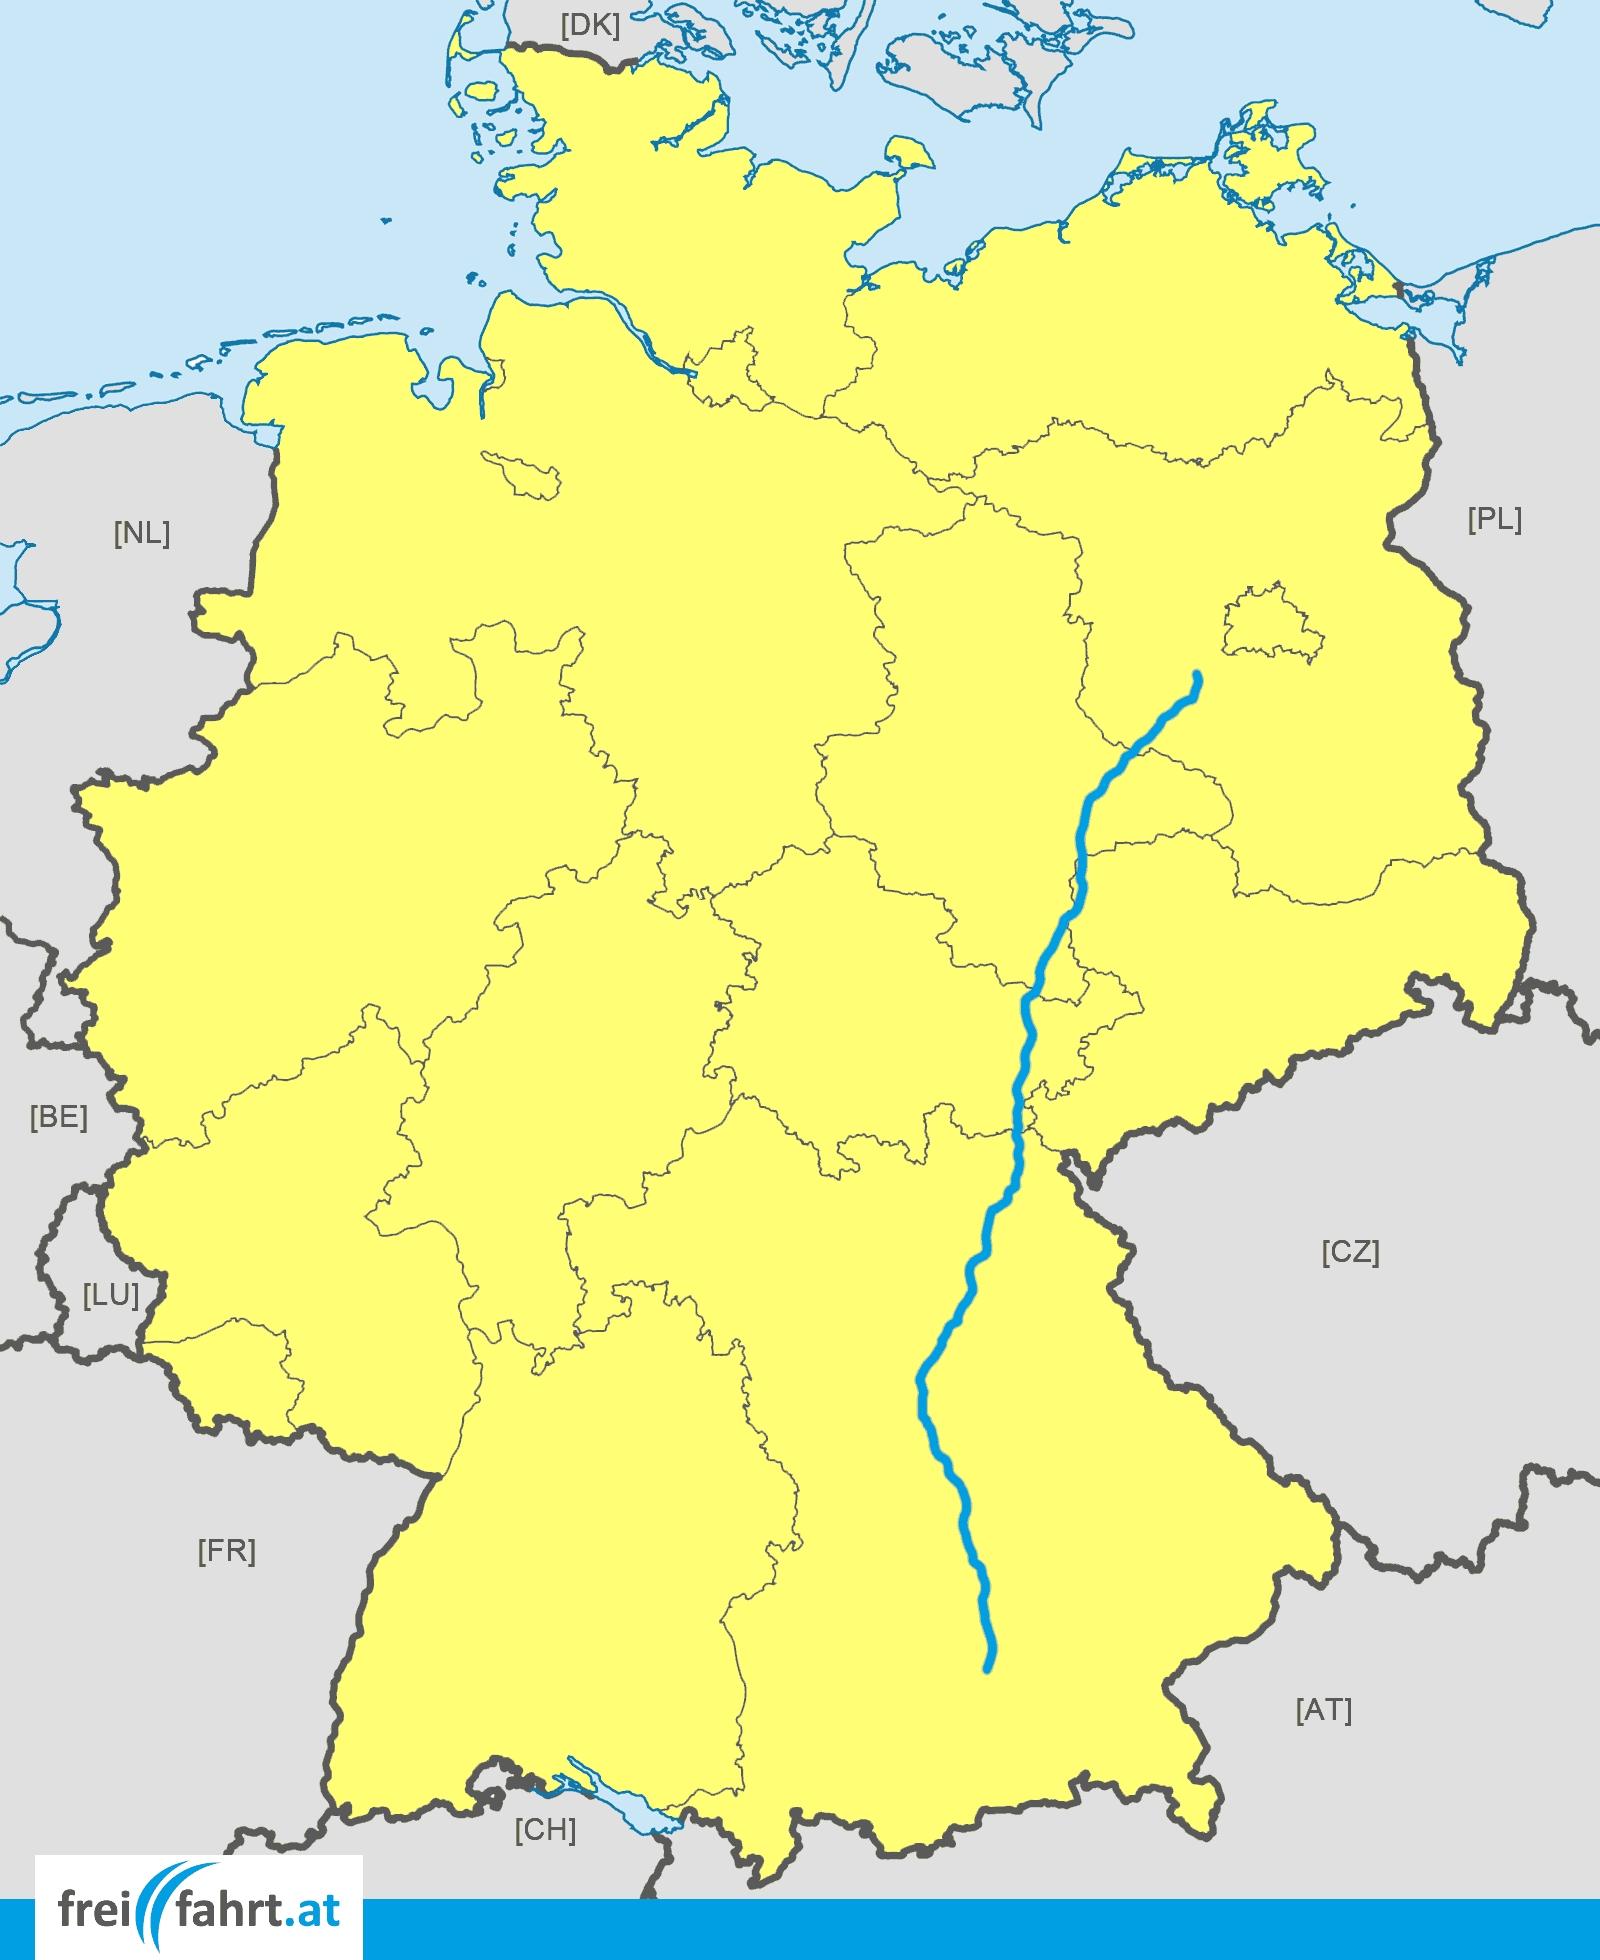 München Karte Deutschland.Raststätten A9 Berlin München Deutschland Autobahn Raststationen